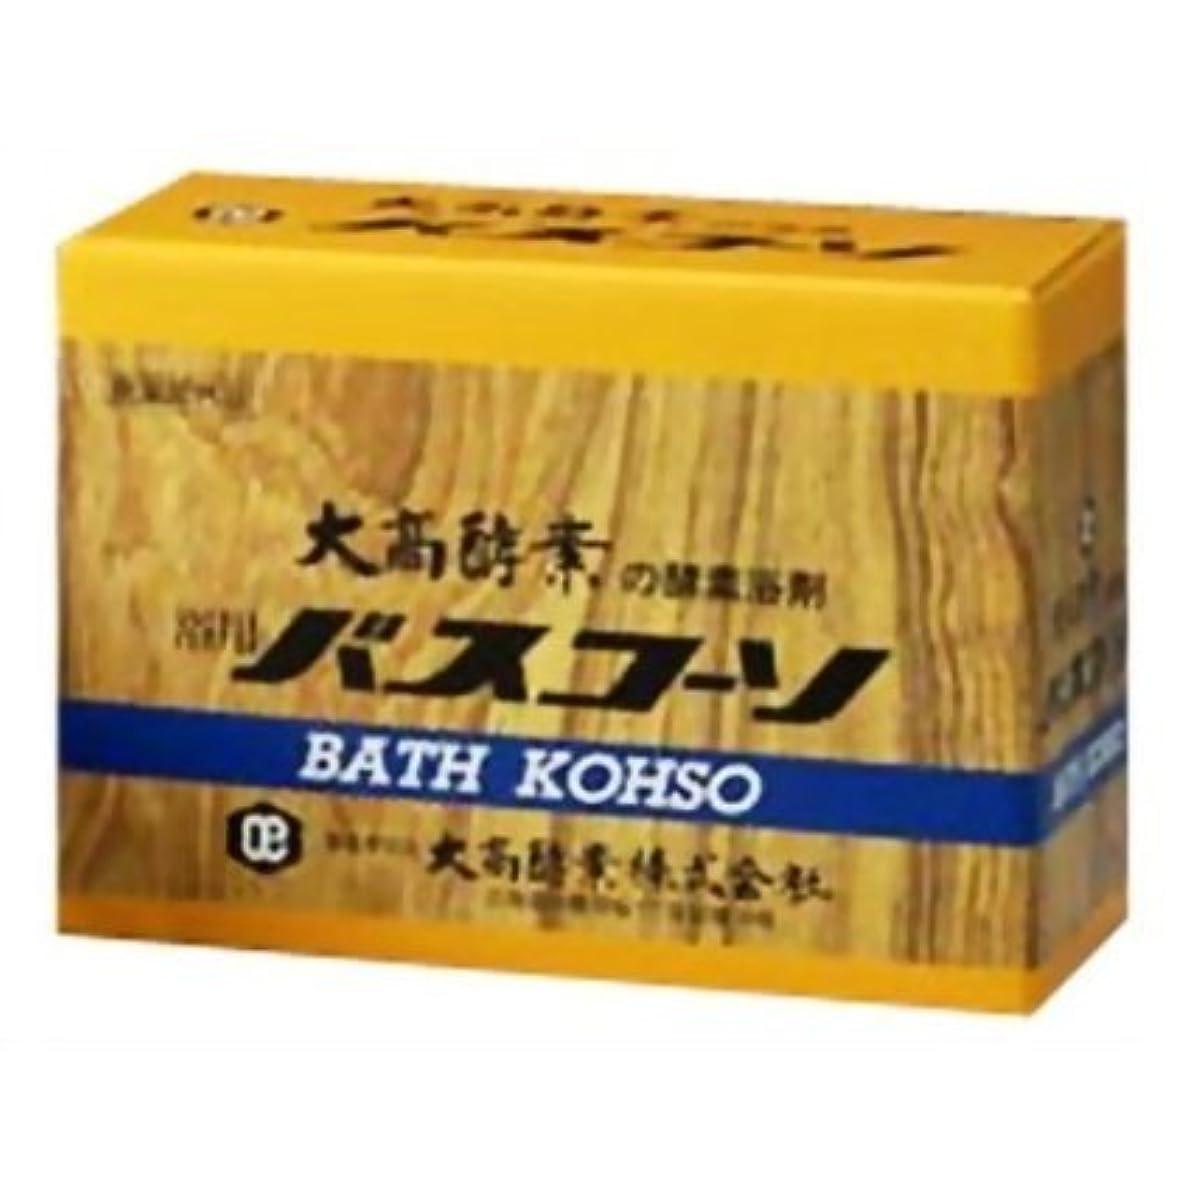 流産カーテン引数大高酵素 浴用バスコーソ 100gx6 【4個セット】